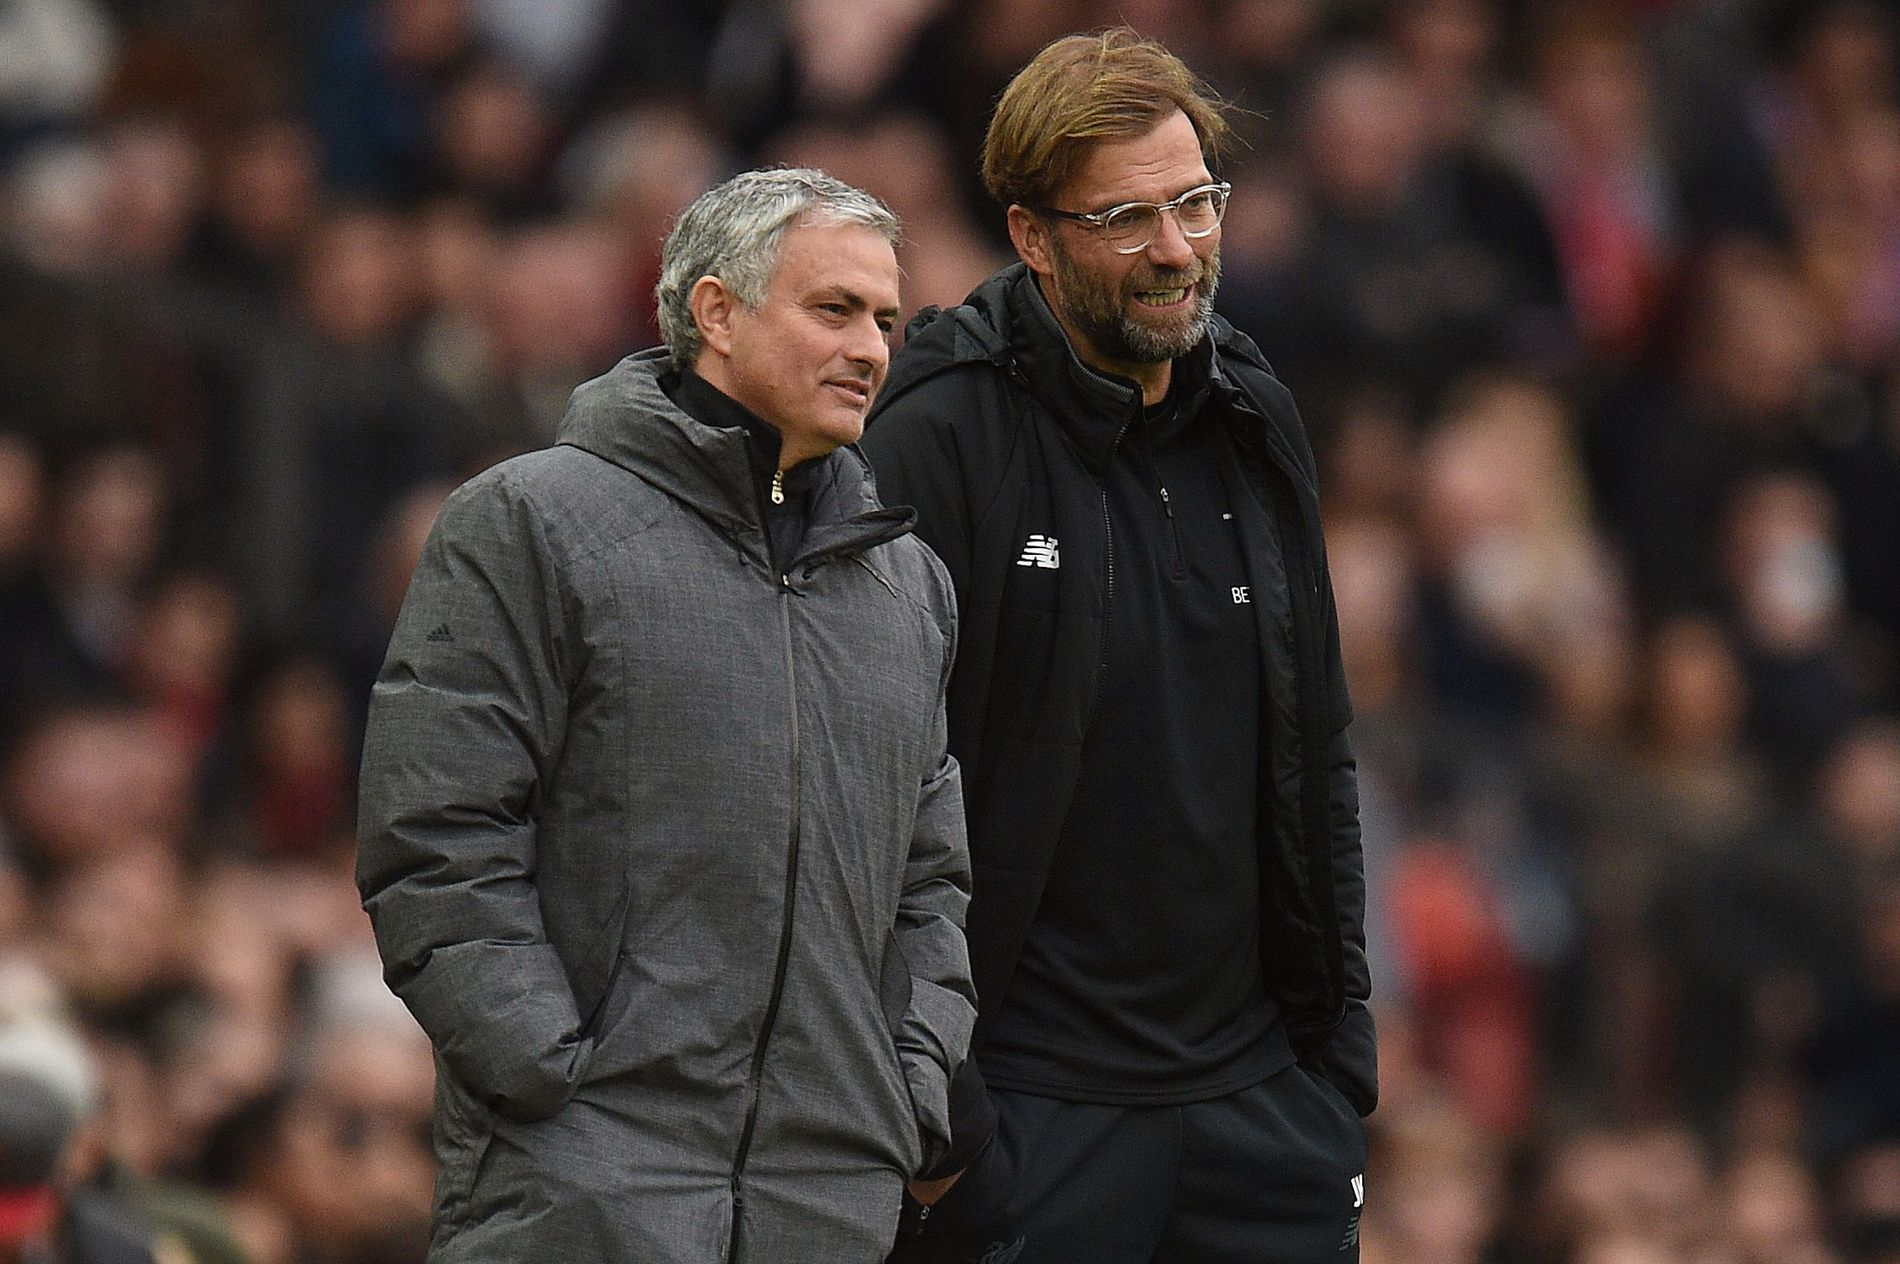 REPRISER: José Mourinho og Jürgen Klopp får nå muligheten til å se situasjoner i reprise mens de sitter på benken.